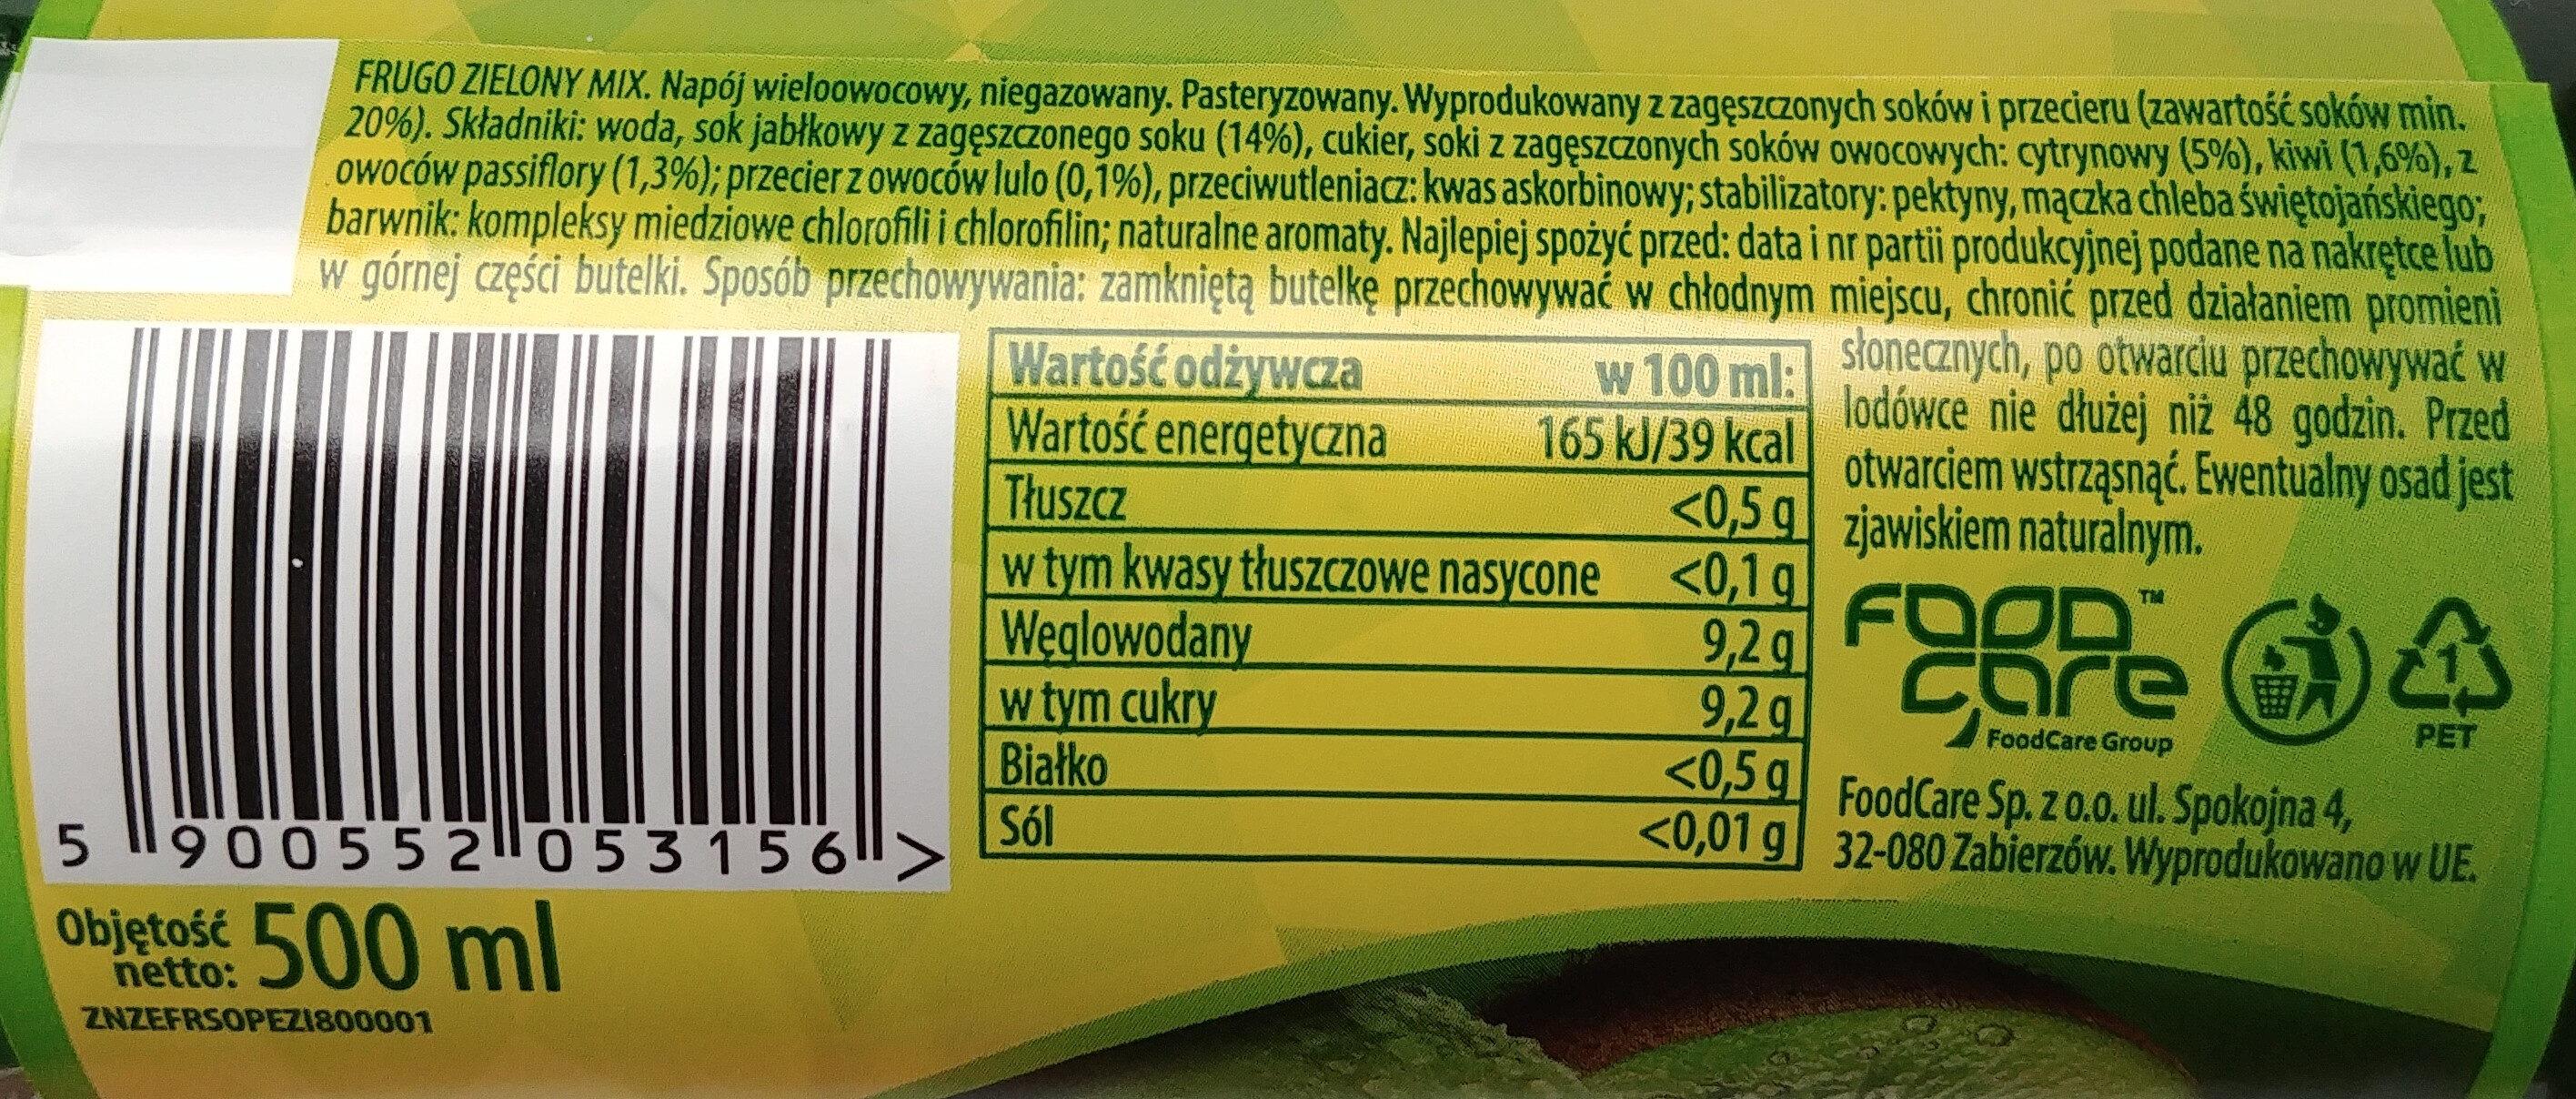 Napój wieloowocowy - Zielony mix - Nutrition facts - pl